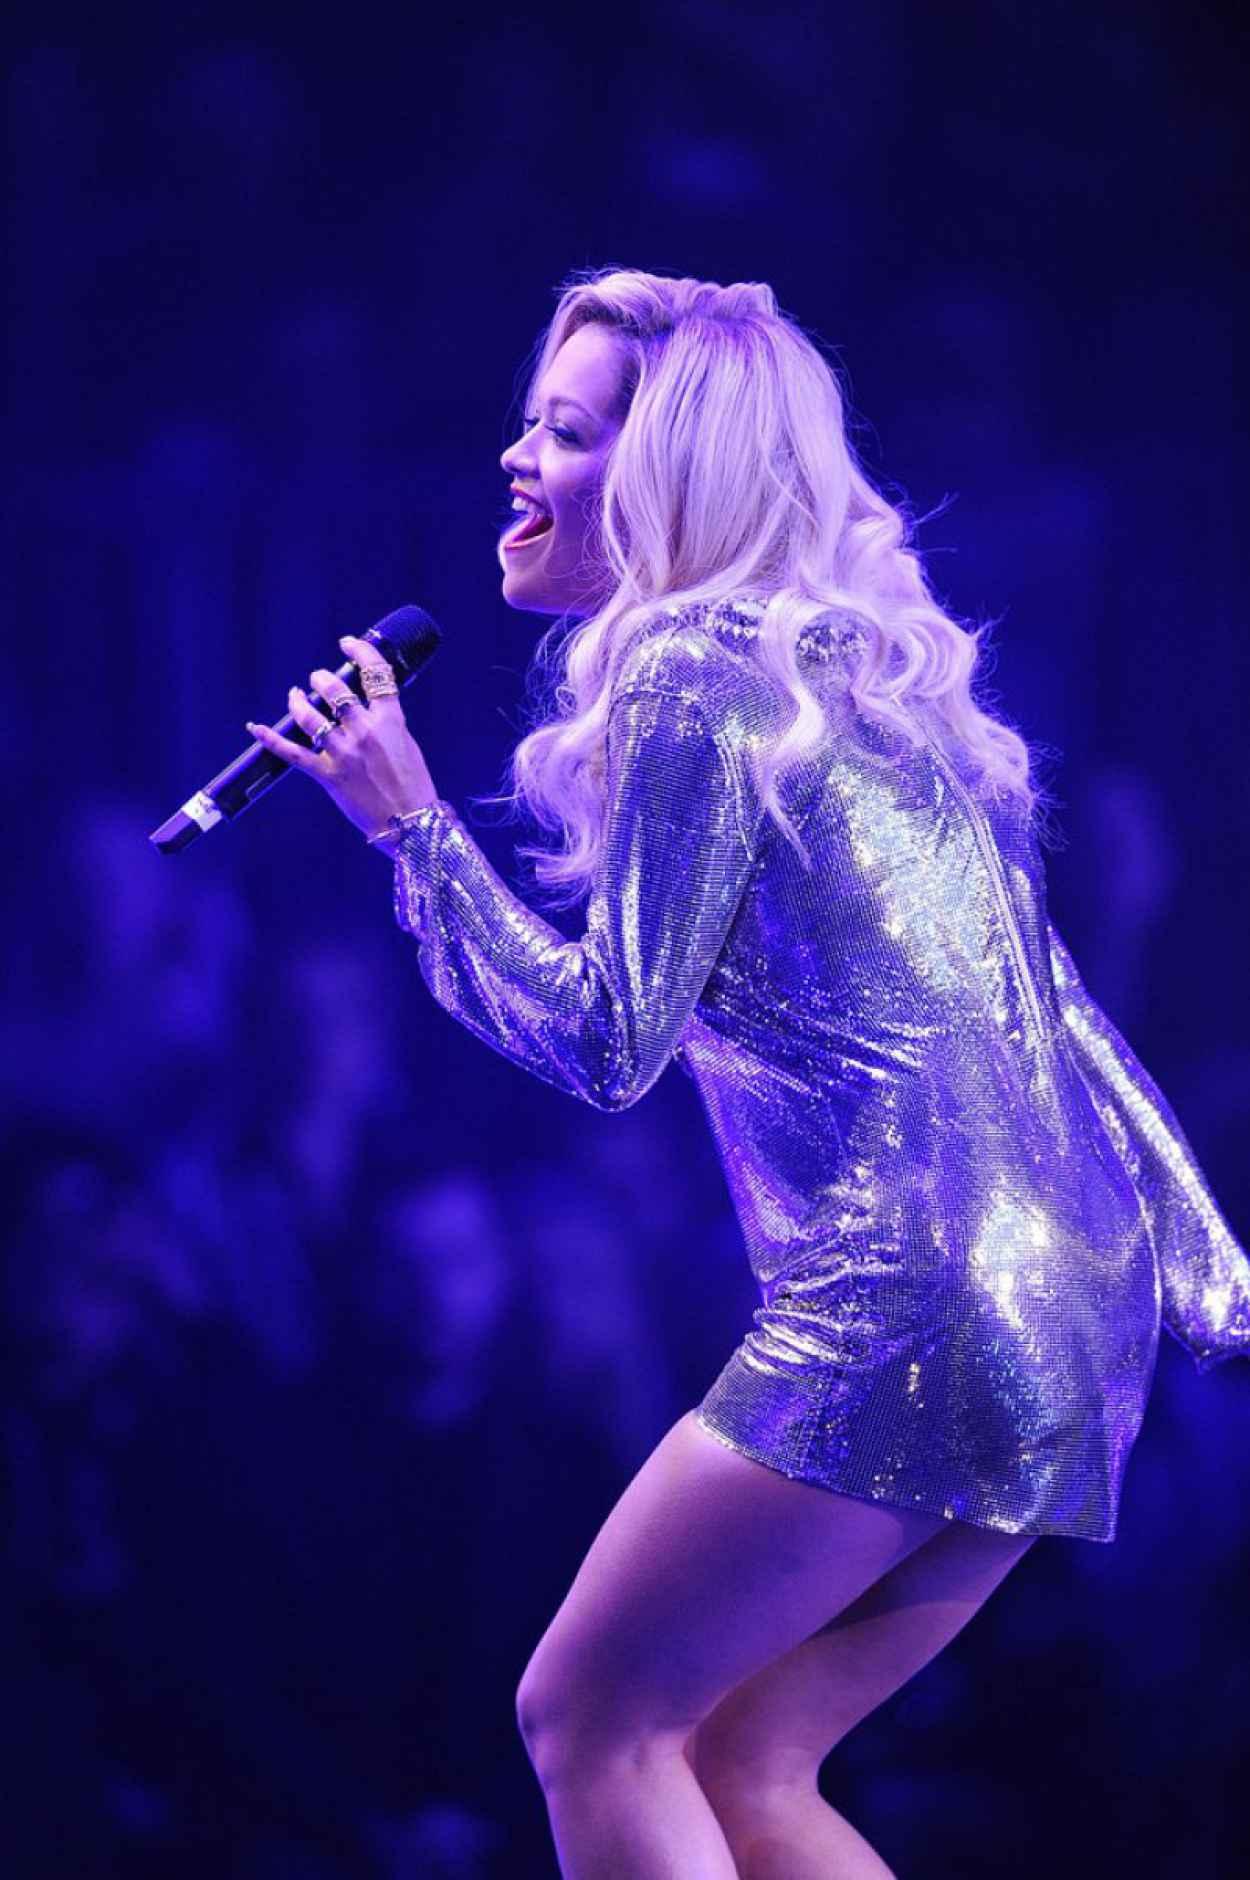 Rita Ora Performs at Germanys Next Topmodel Finale - May 2015-1